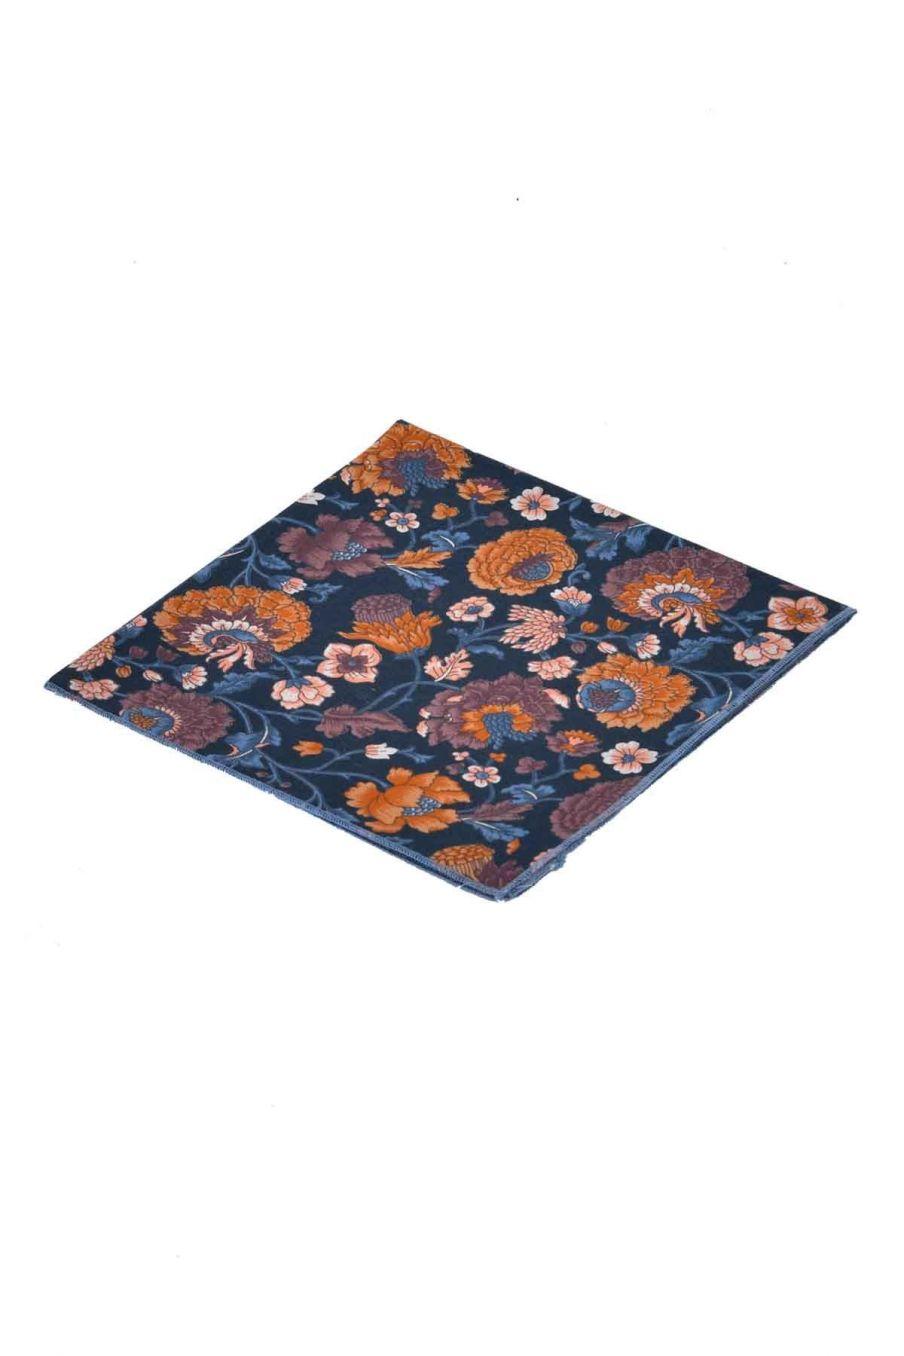 serviette de table maison carlotta charcoal bohemian flowers - louise misha